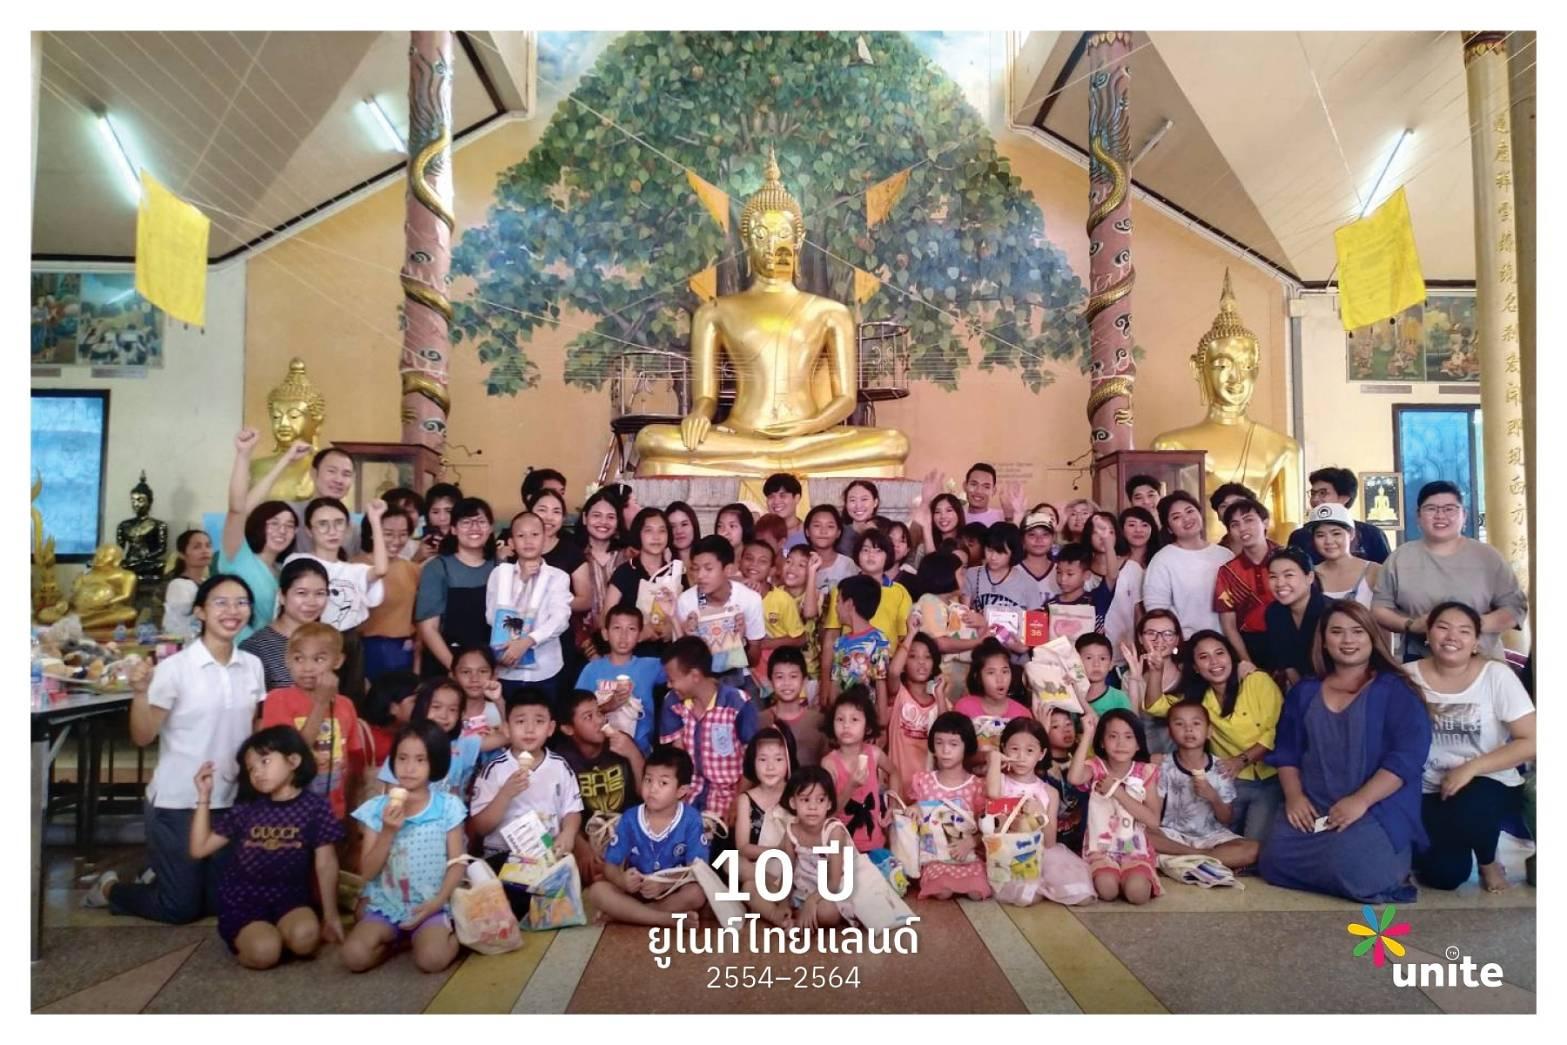 10ปี กลุ่มUnite Thailandสร้างผู้นำชุมชน ผ่านโครงการค่ายศิลปะ